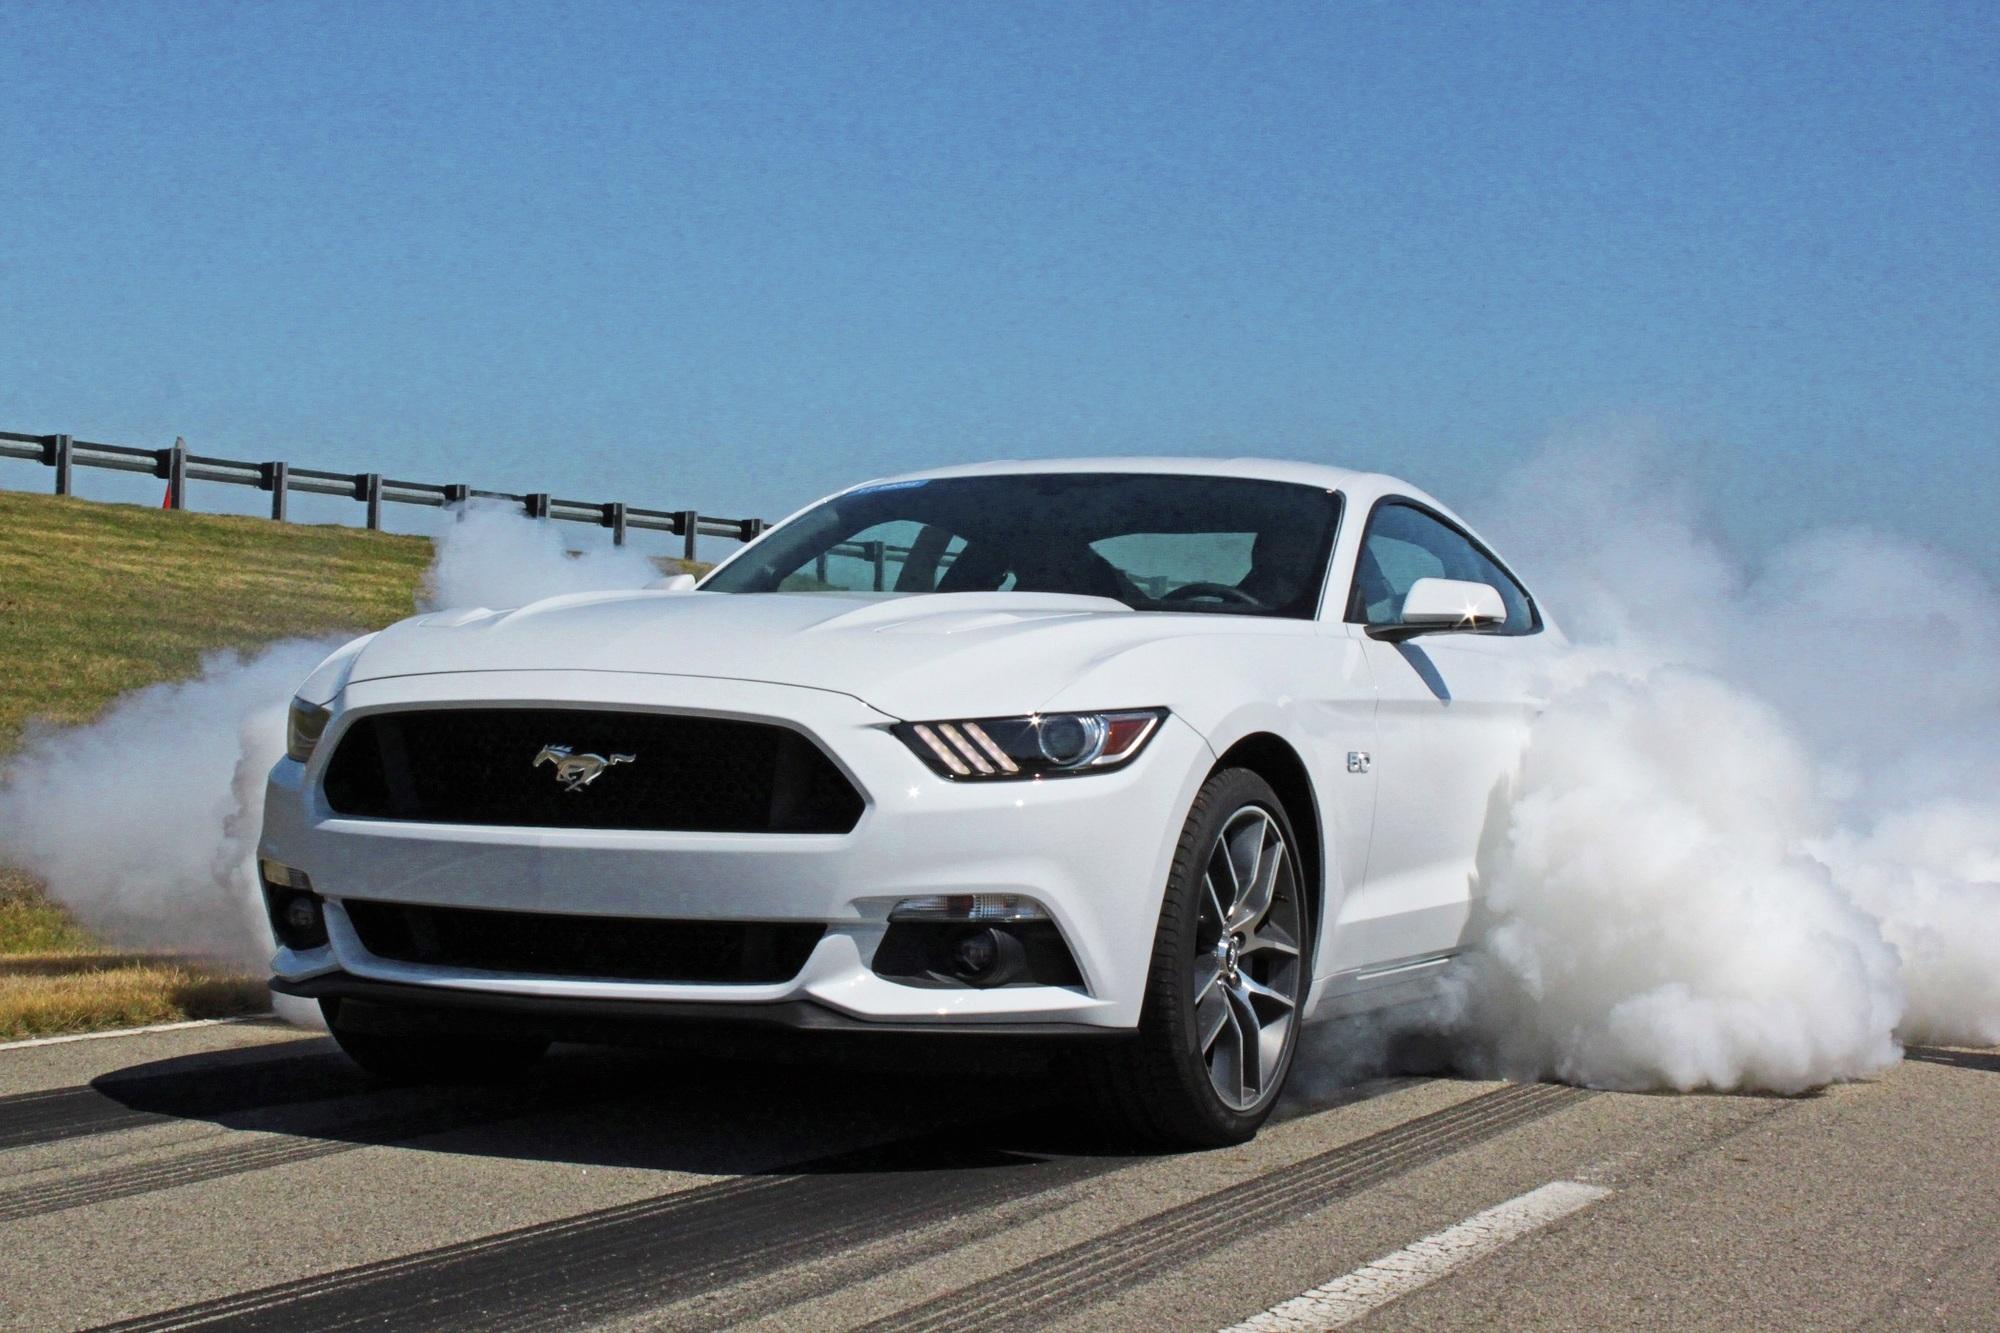 Fahrbericht: Ford Mustang  - Mit 50 Jahren Verspätung